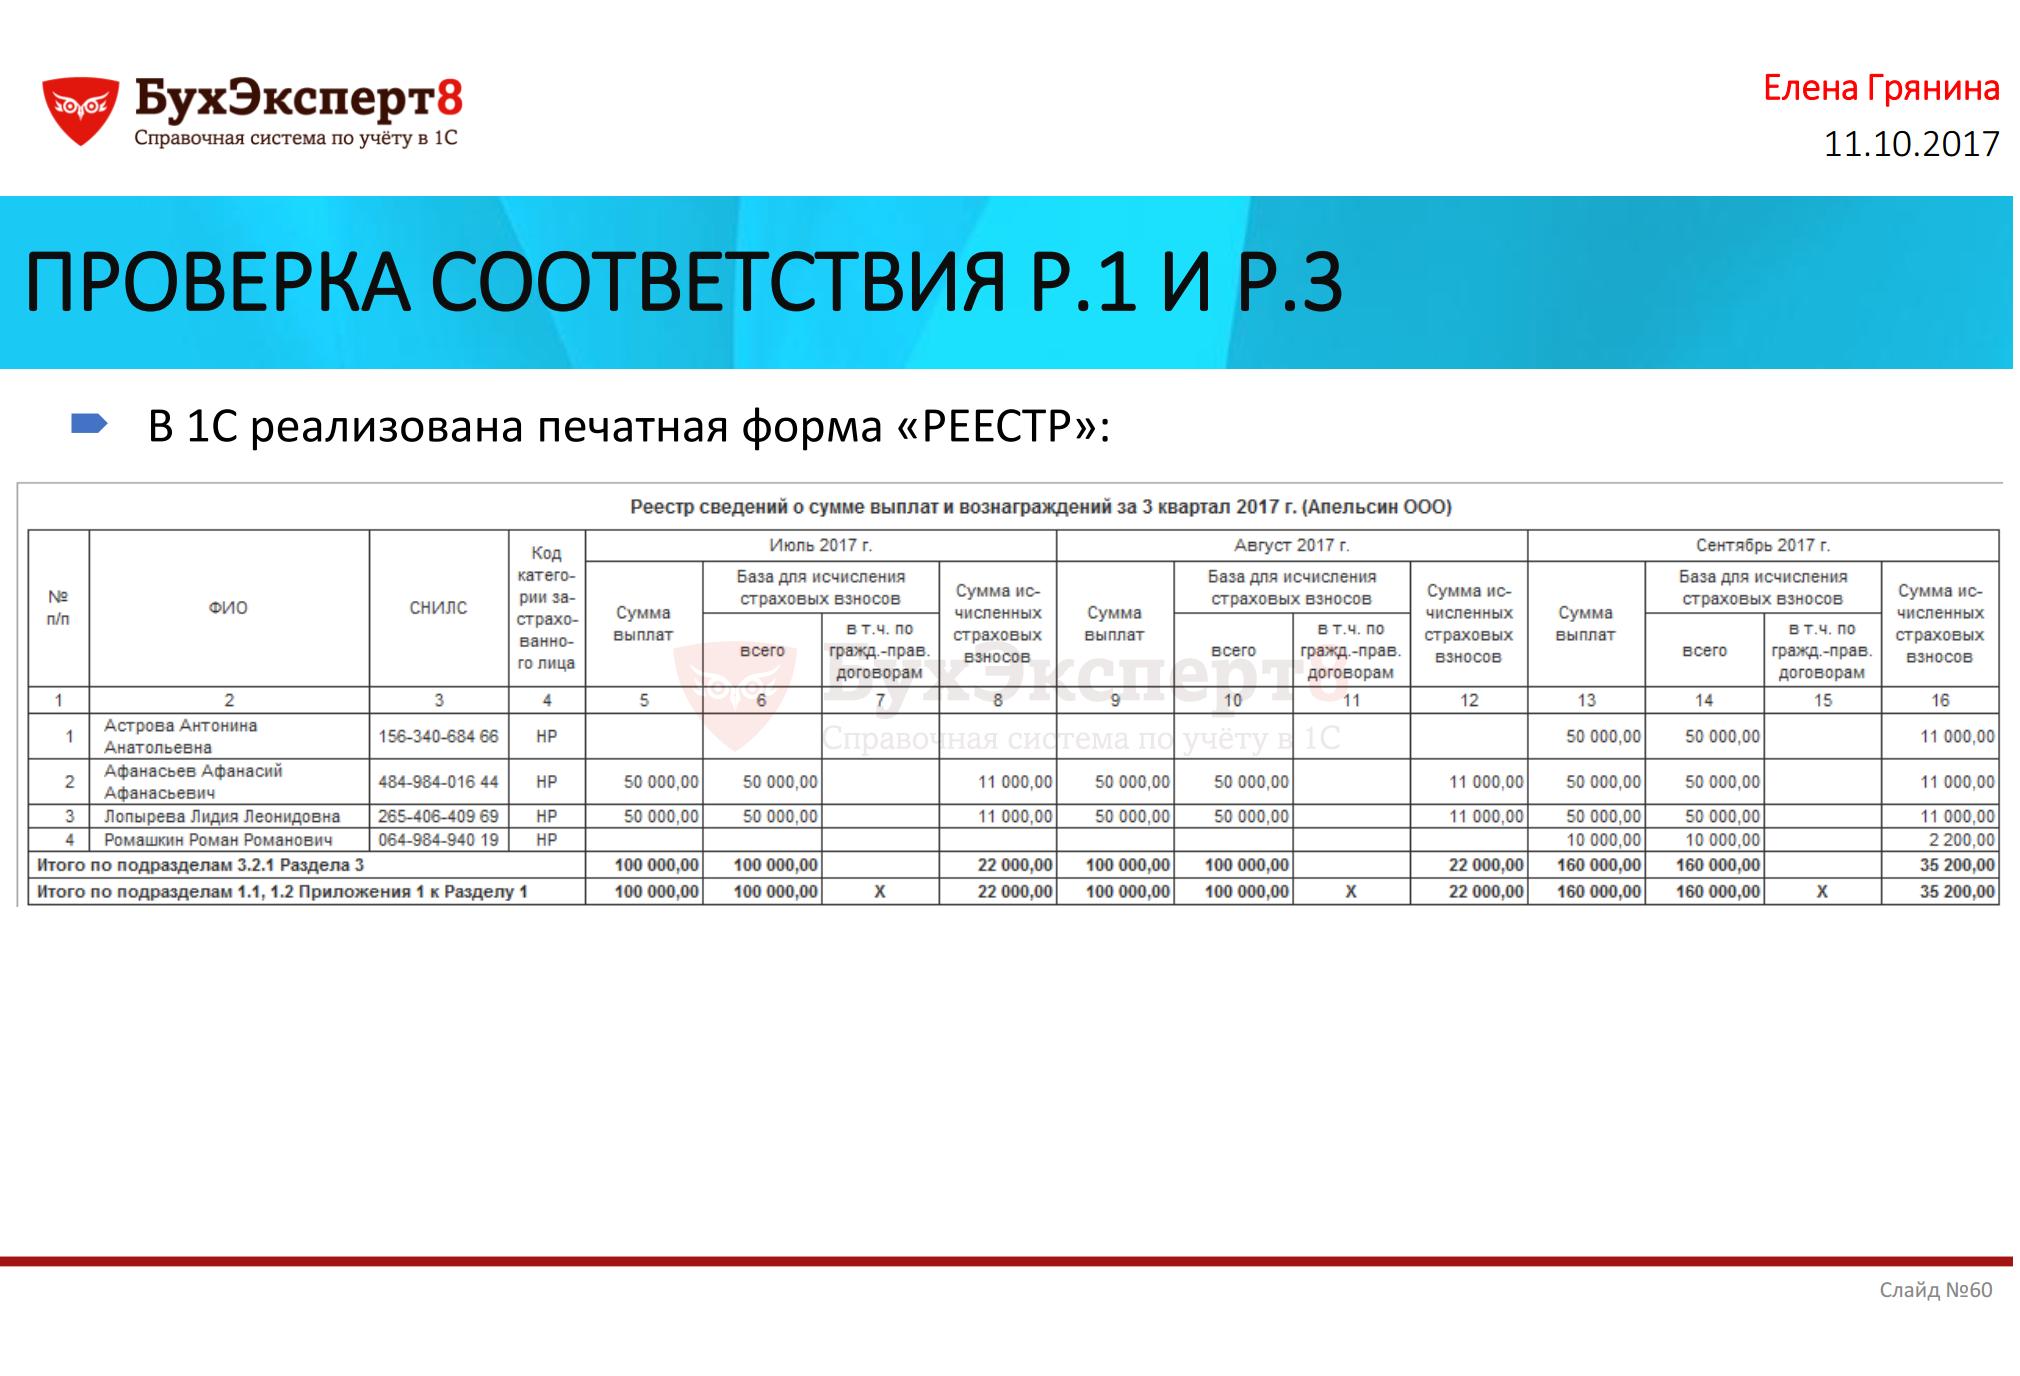 ПРОВЕРКА СООТВЕТСТВИЯ Р.1 И Р.3 В 1С реализована печатная форма «РЕЕСТР»: